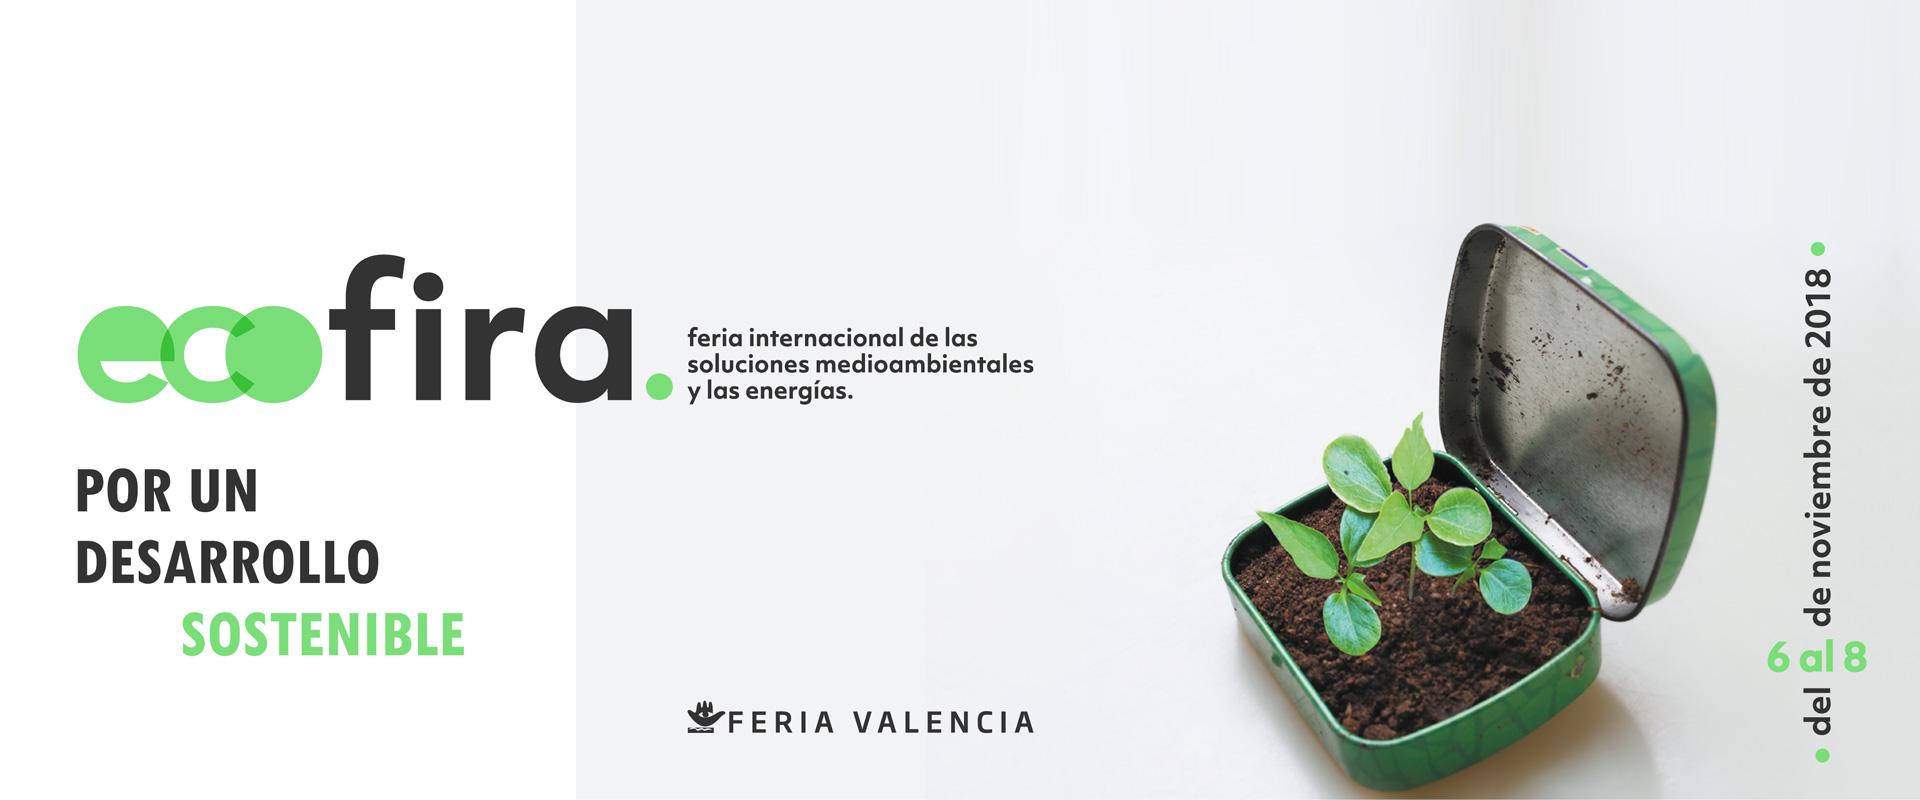 Feria Valencia acogerá la 16ª Feria Internacional de las Soluciones Medioambientales